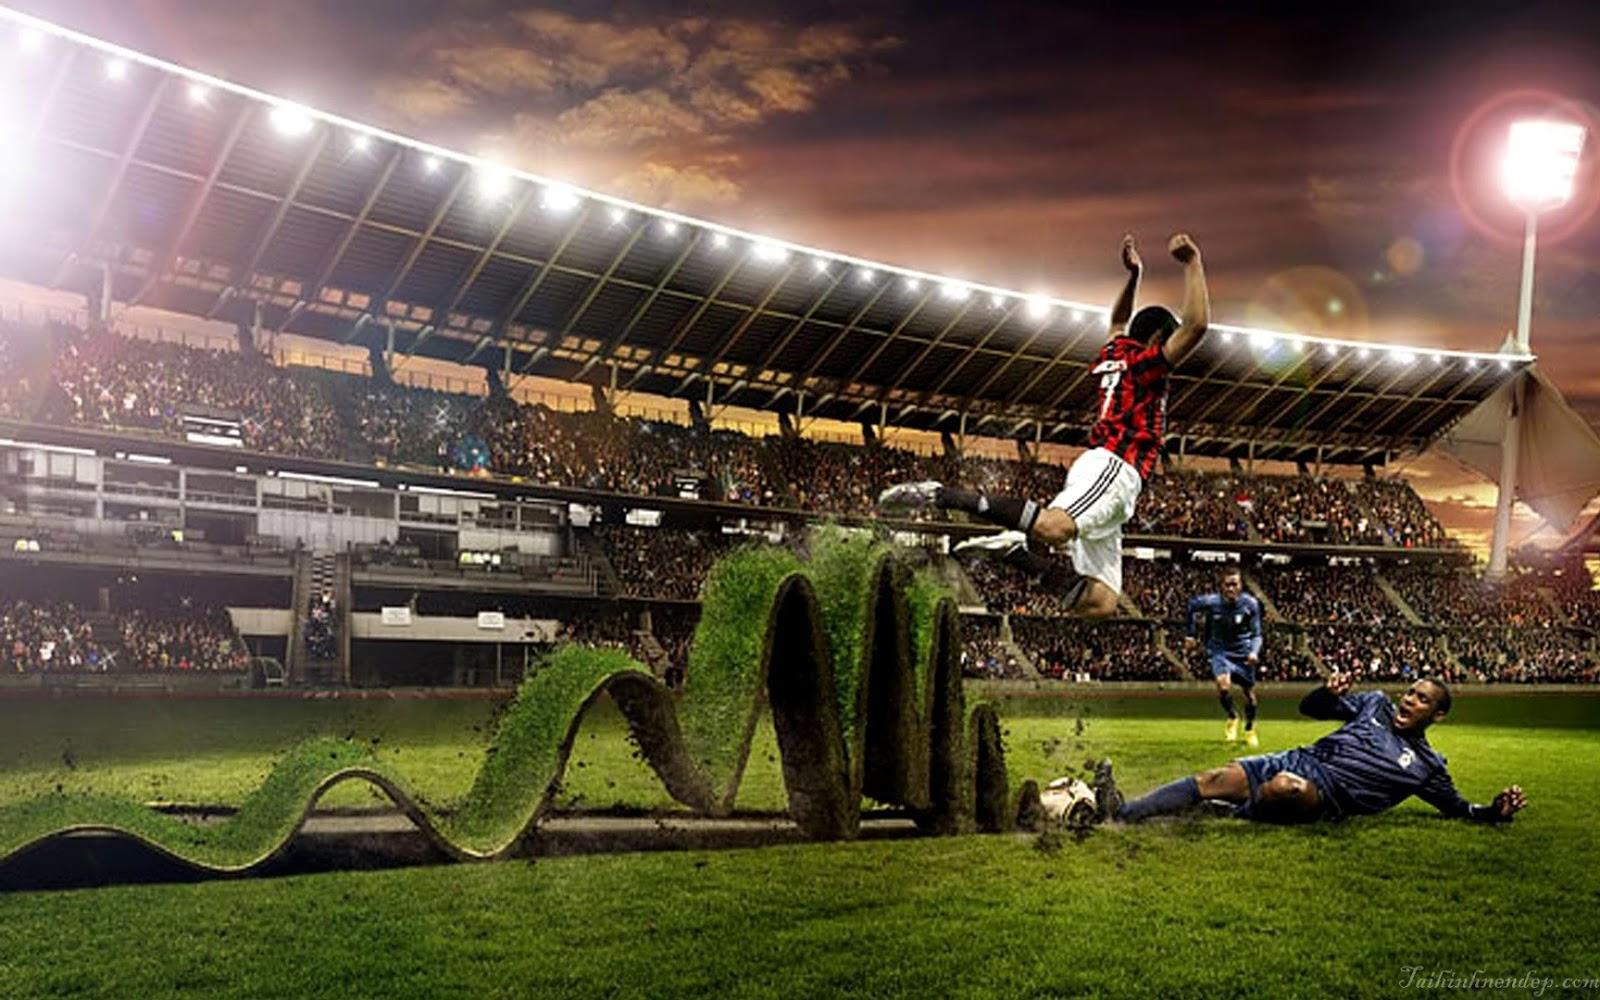 Hình nền thể thao - Tinh thần bất diệt trên sân cỏ